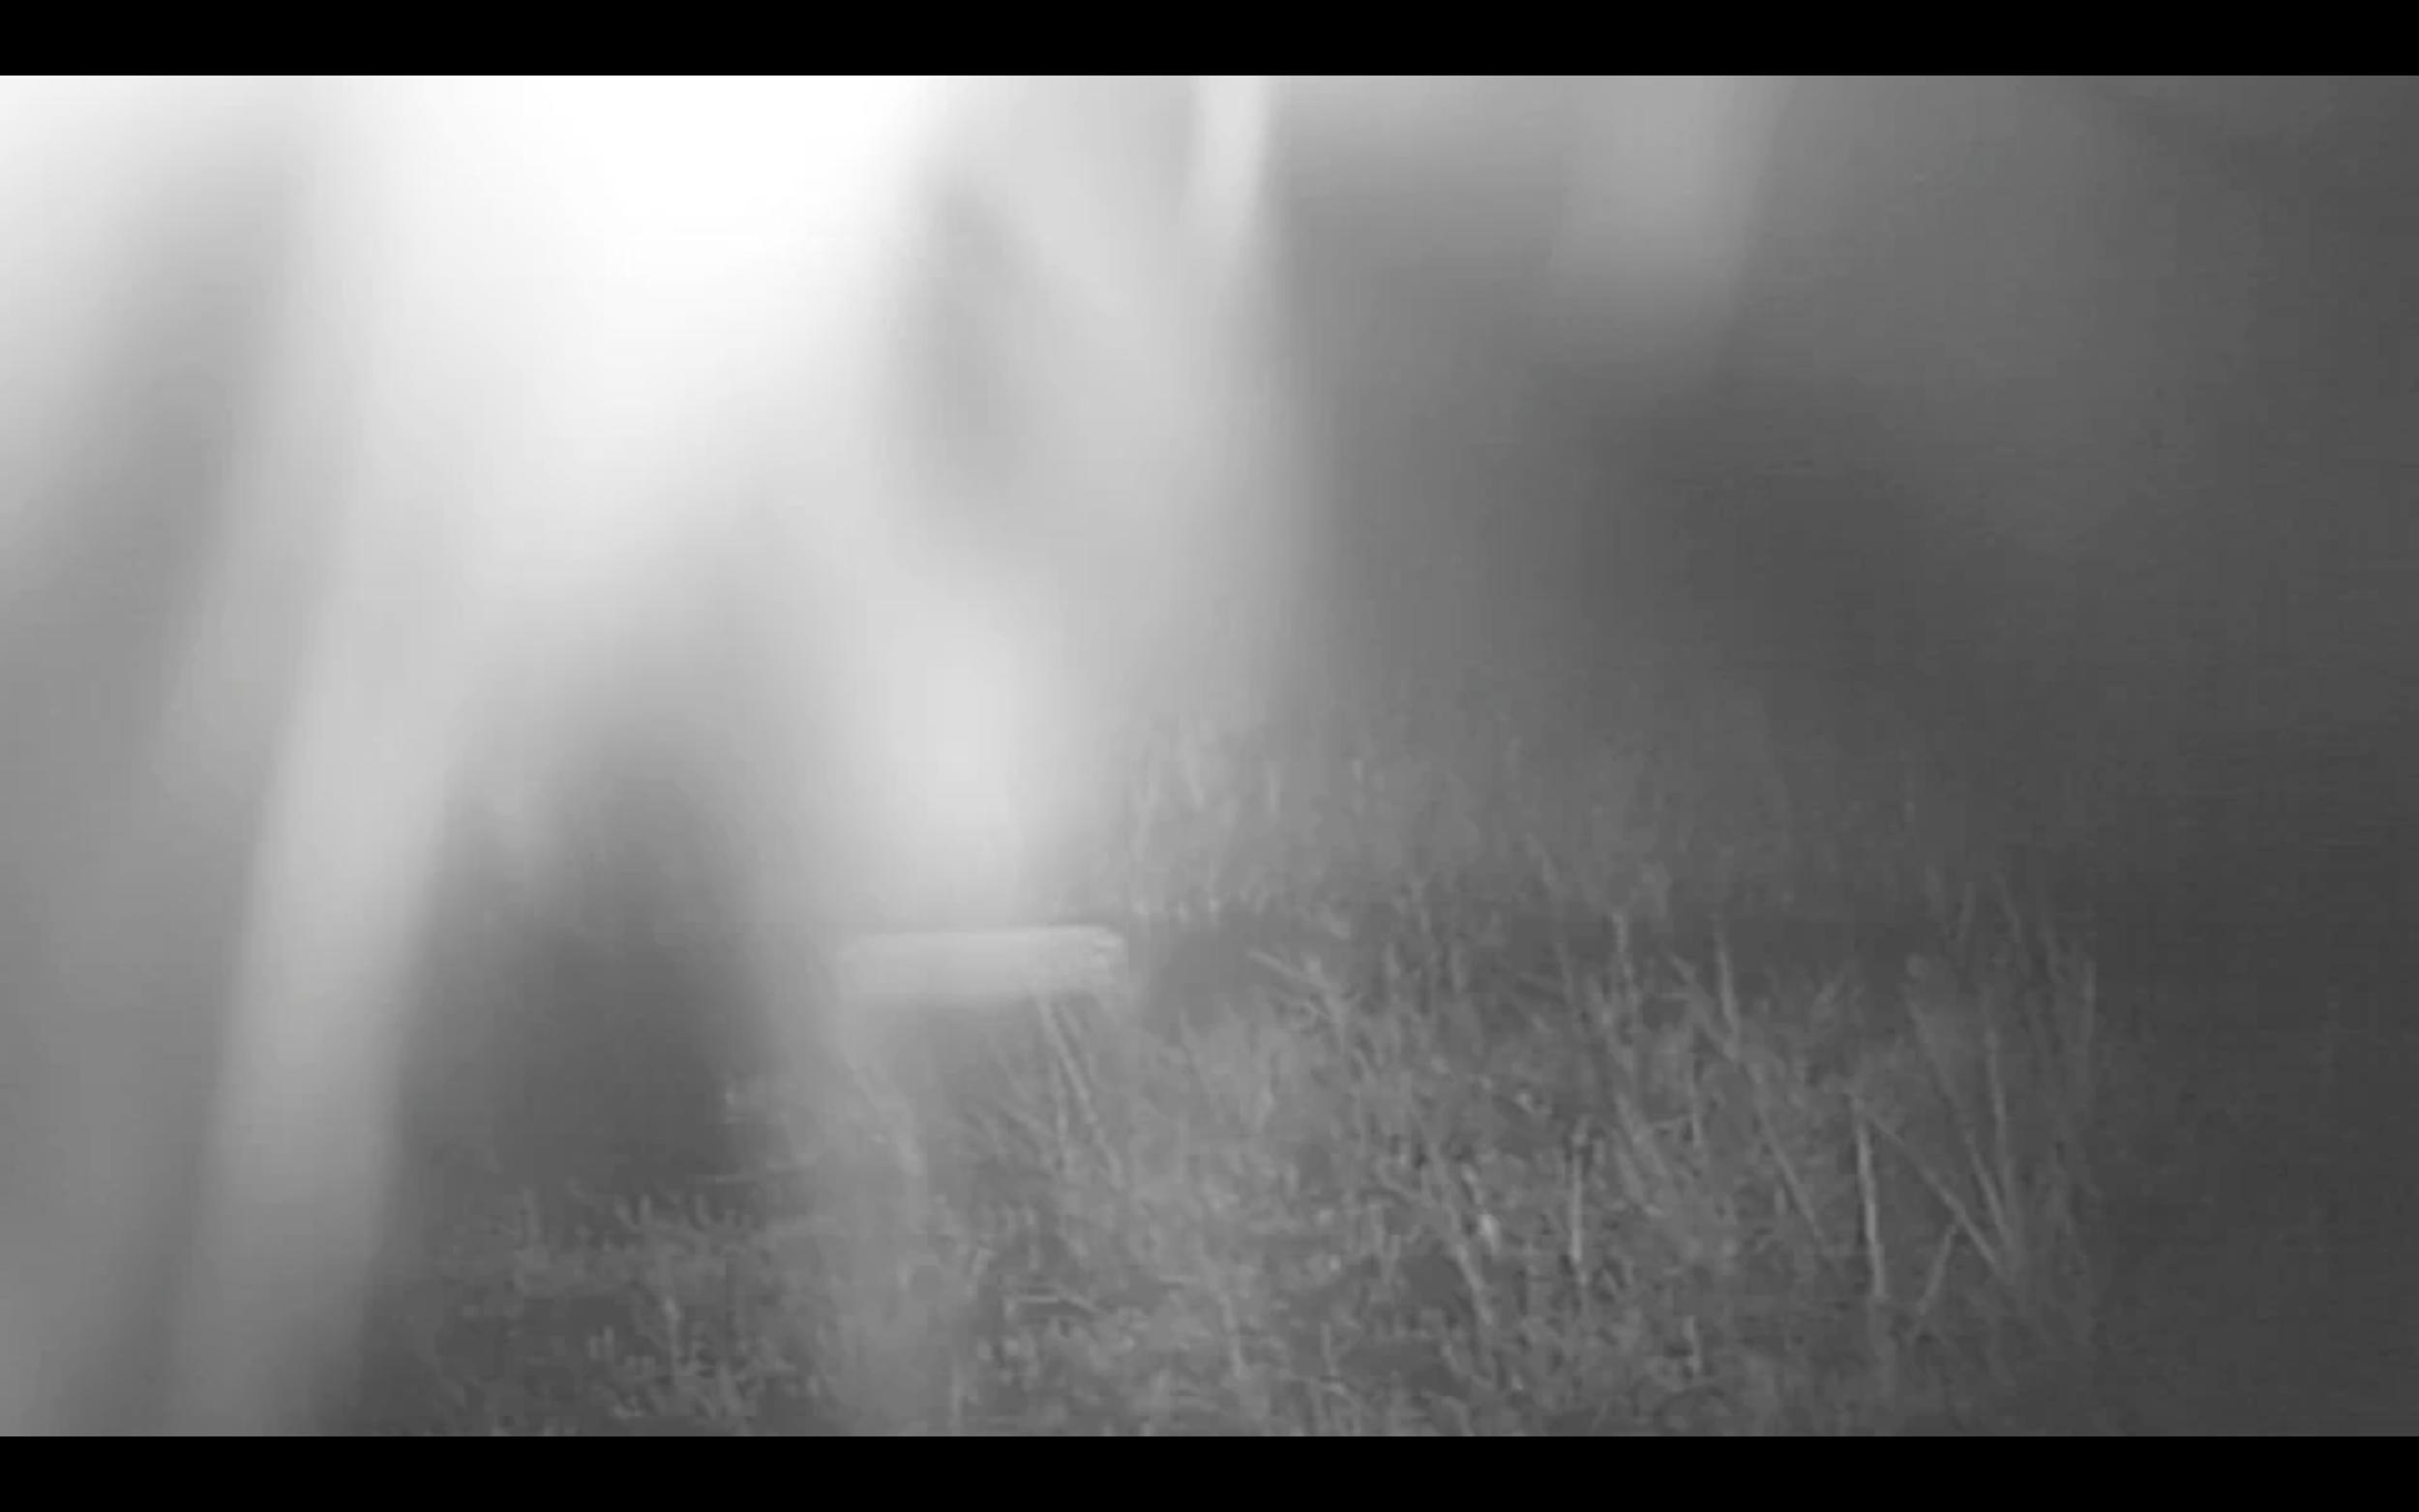 Screen Shot 2013-04-03 at 1.45.40 PM.png